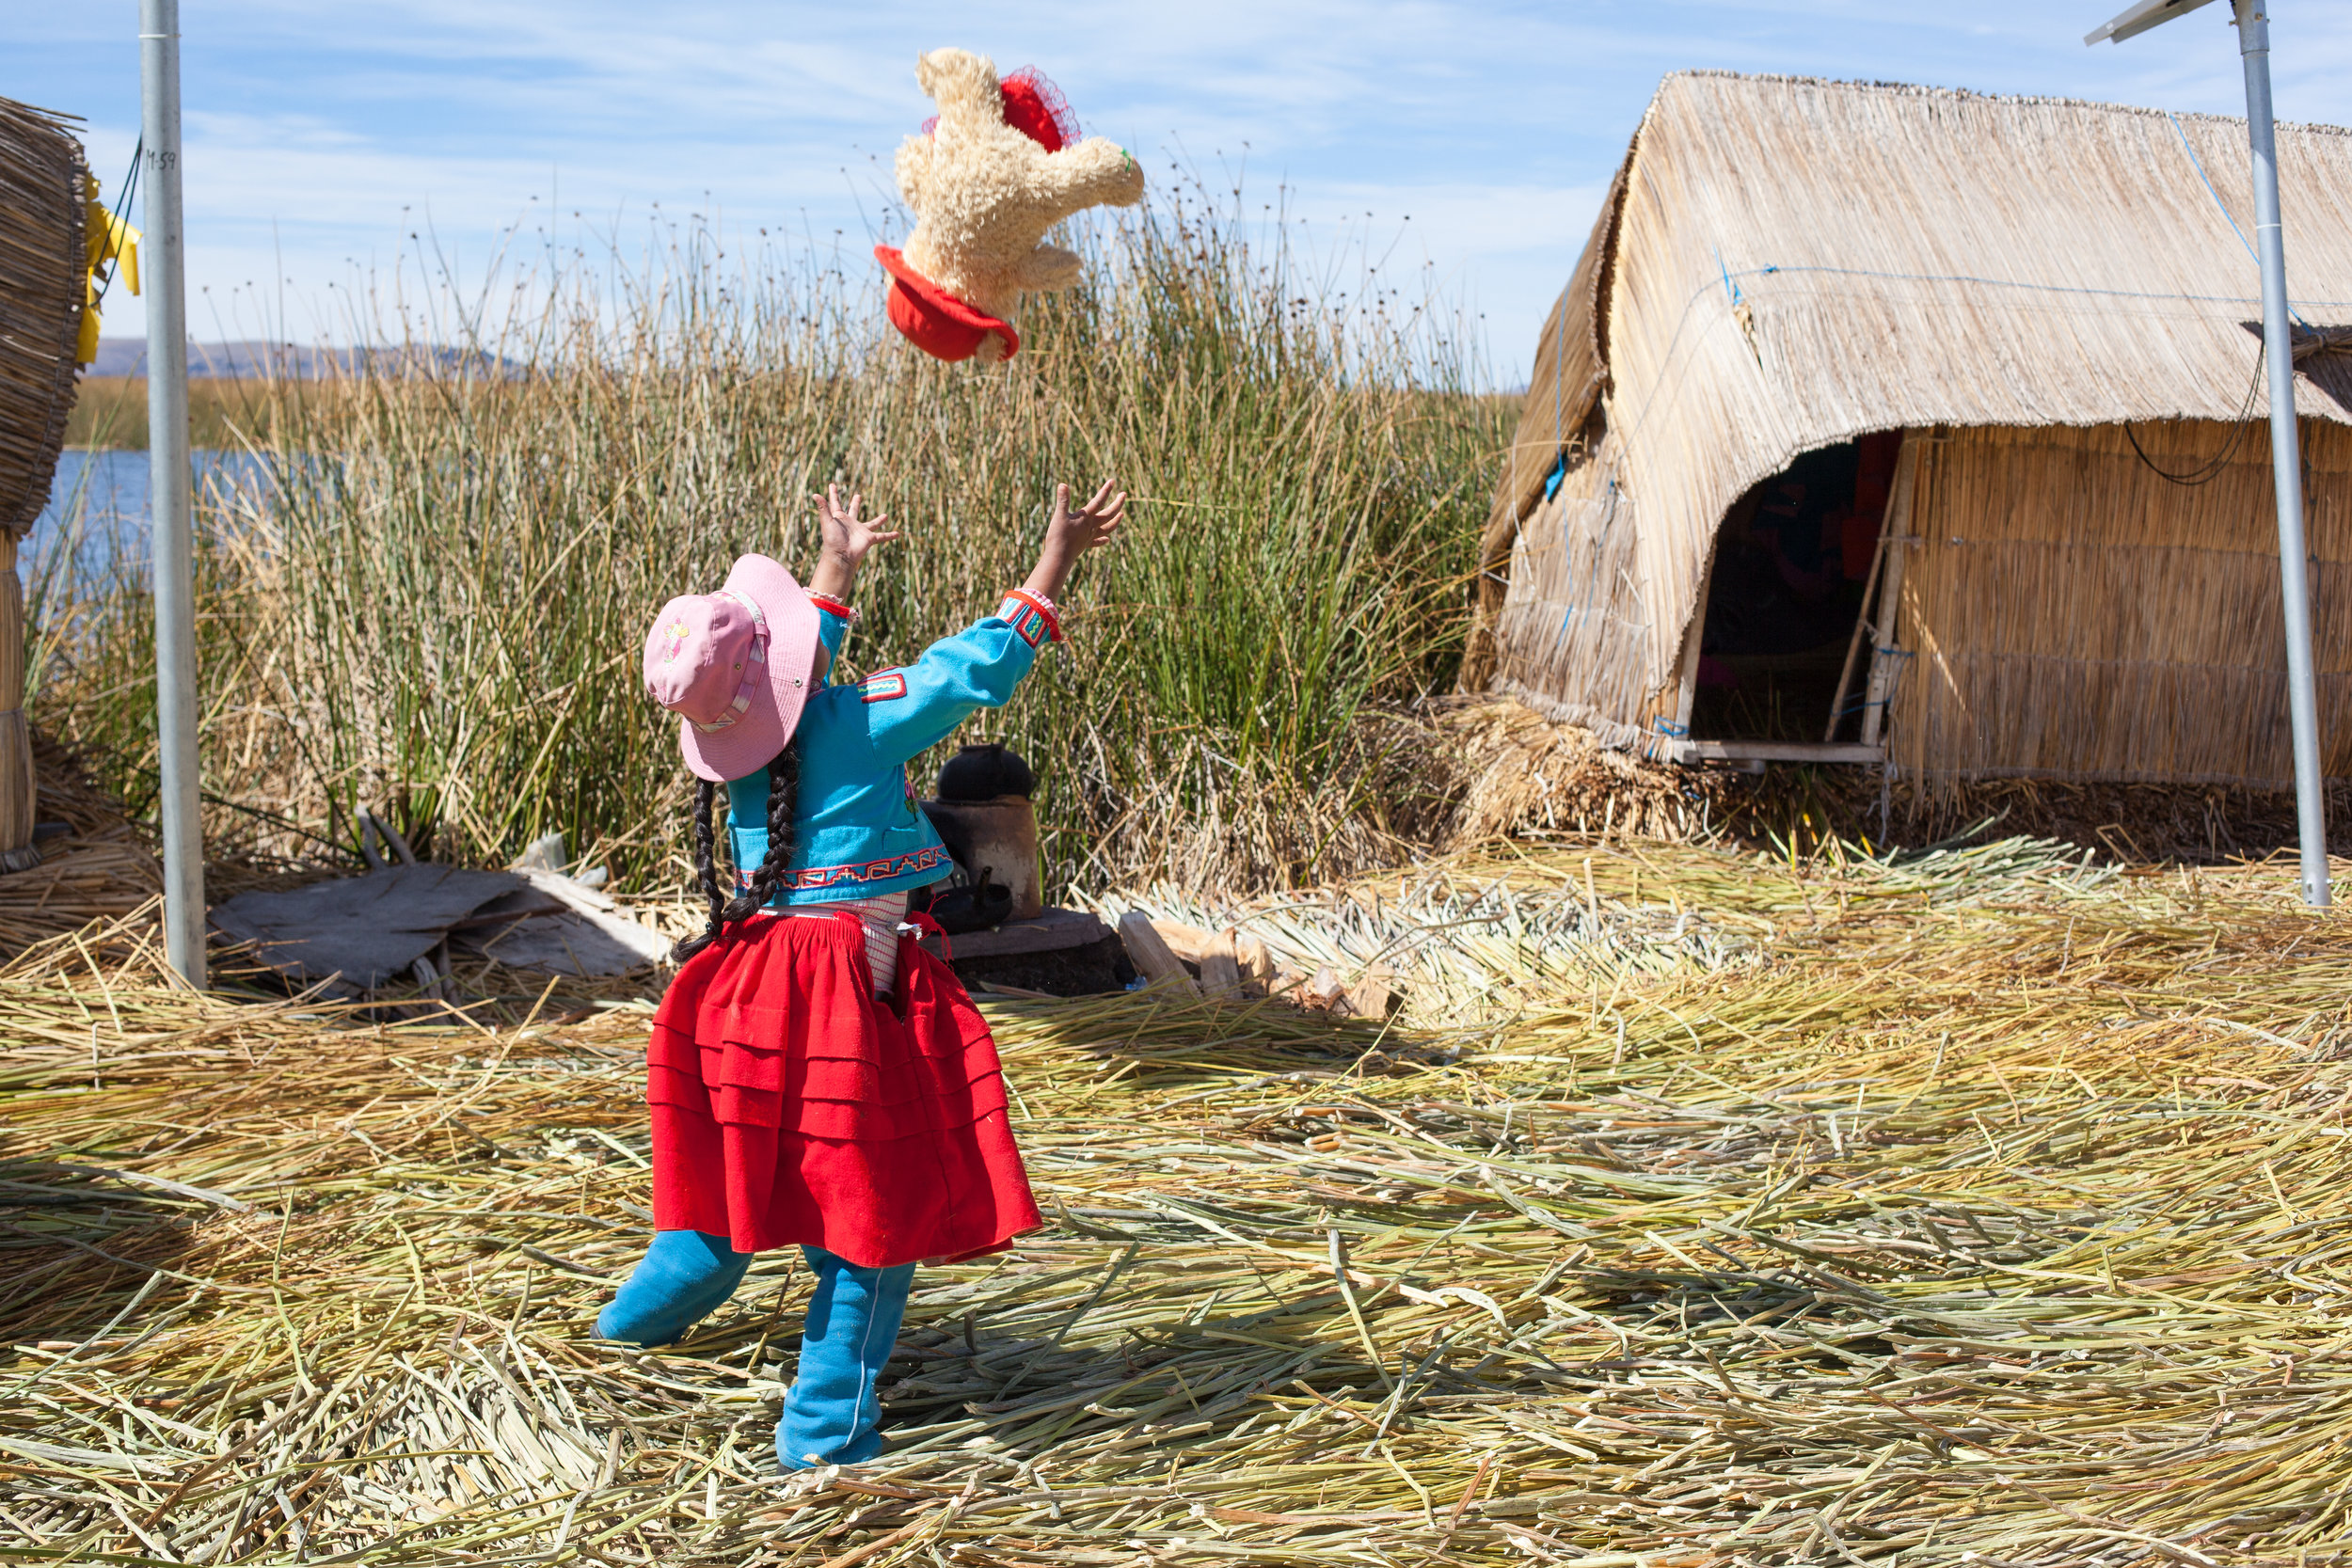 Ffotogallery Platform Instagram Takeover by Geraint Rowland - Uros Islands, Peru candid portrait.